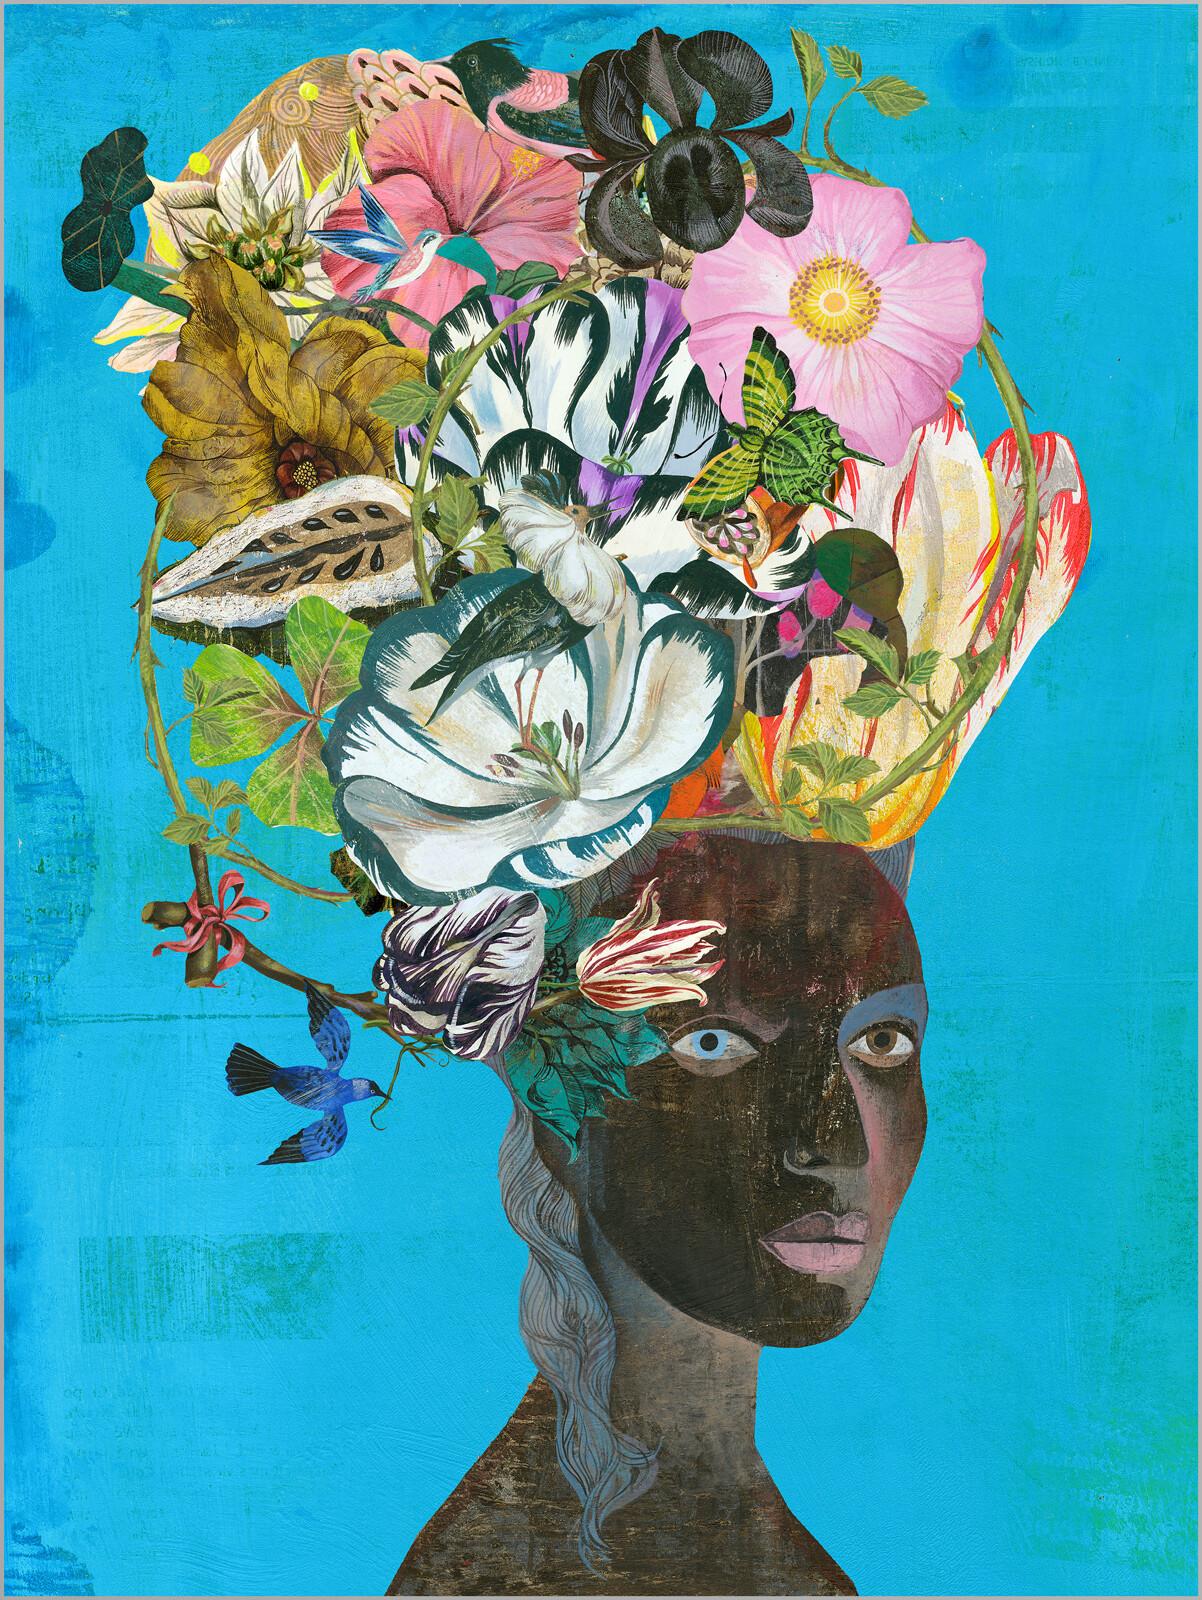 Black Antoinette Tulip - Olaf Hajek